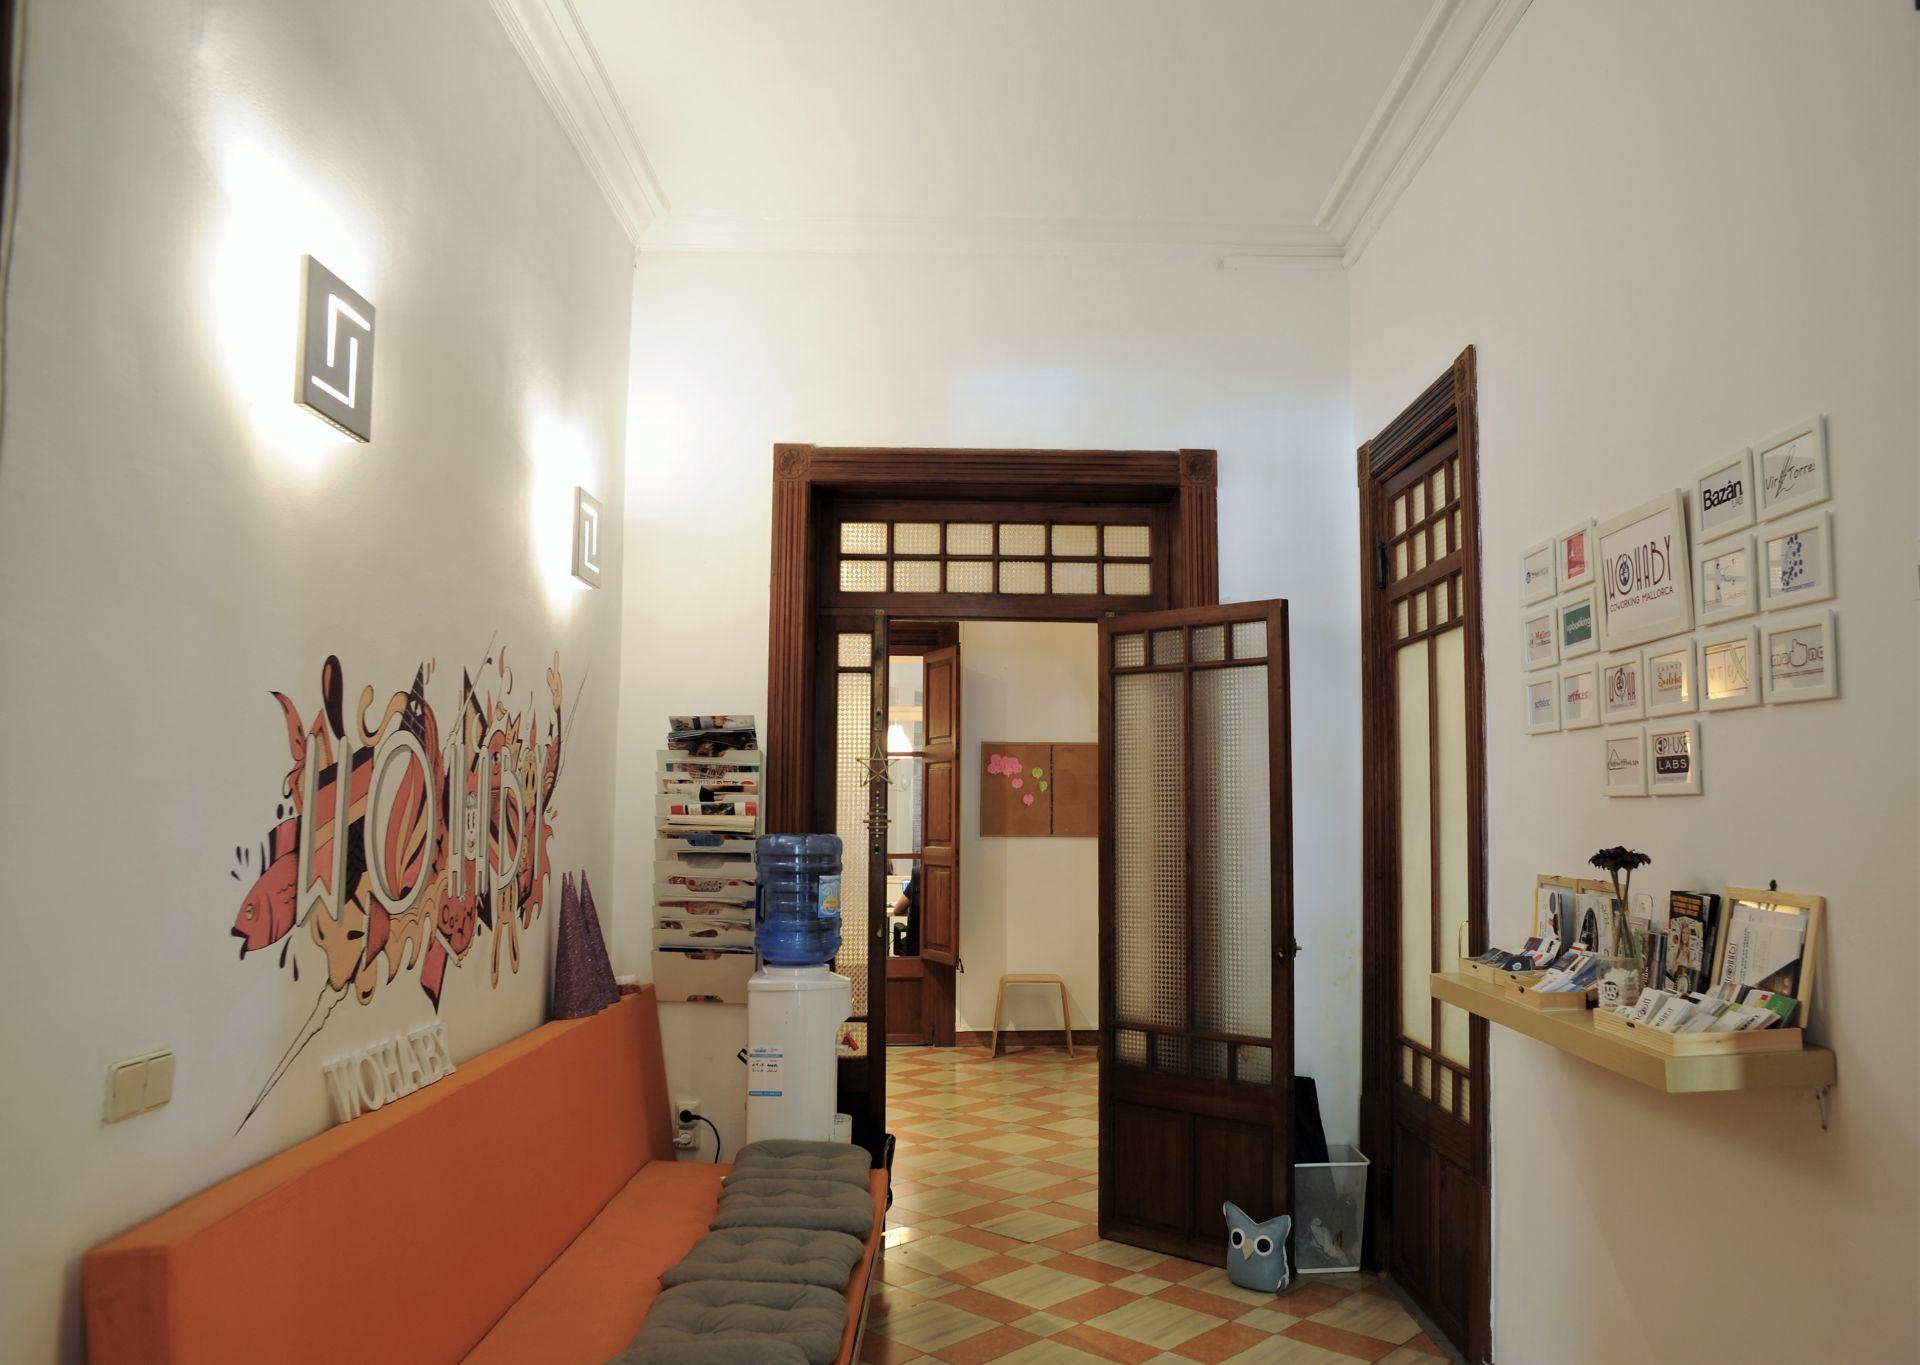 wohaby (Ana Seijo), Palma